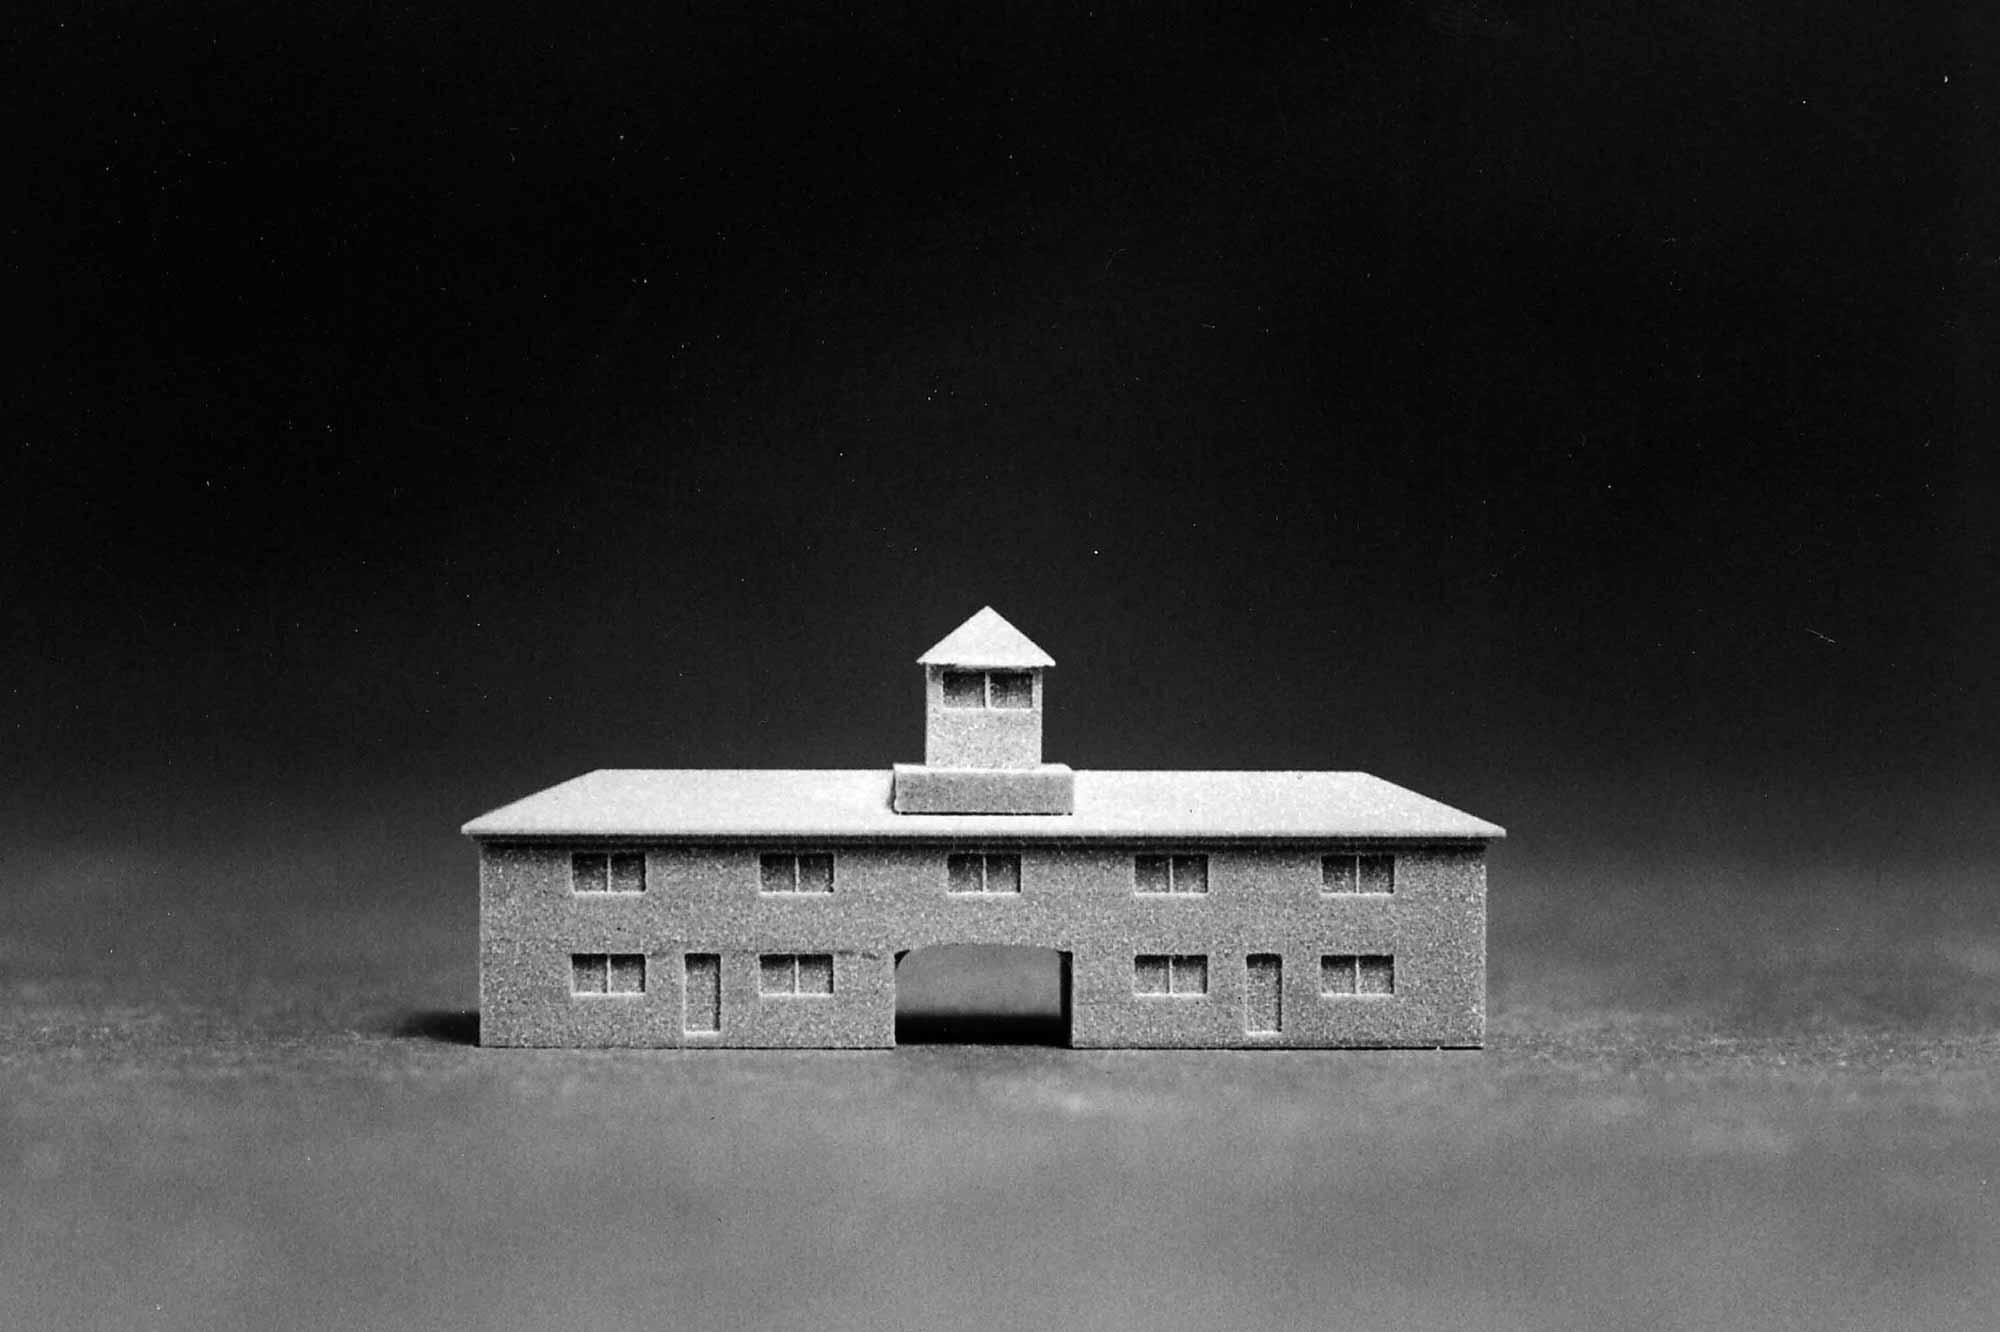 Verhör im Licht, Fotodokumentation, Jourhaus